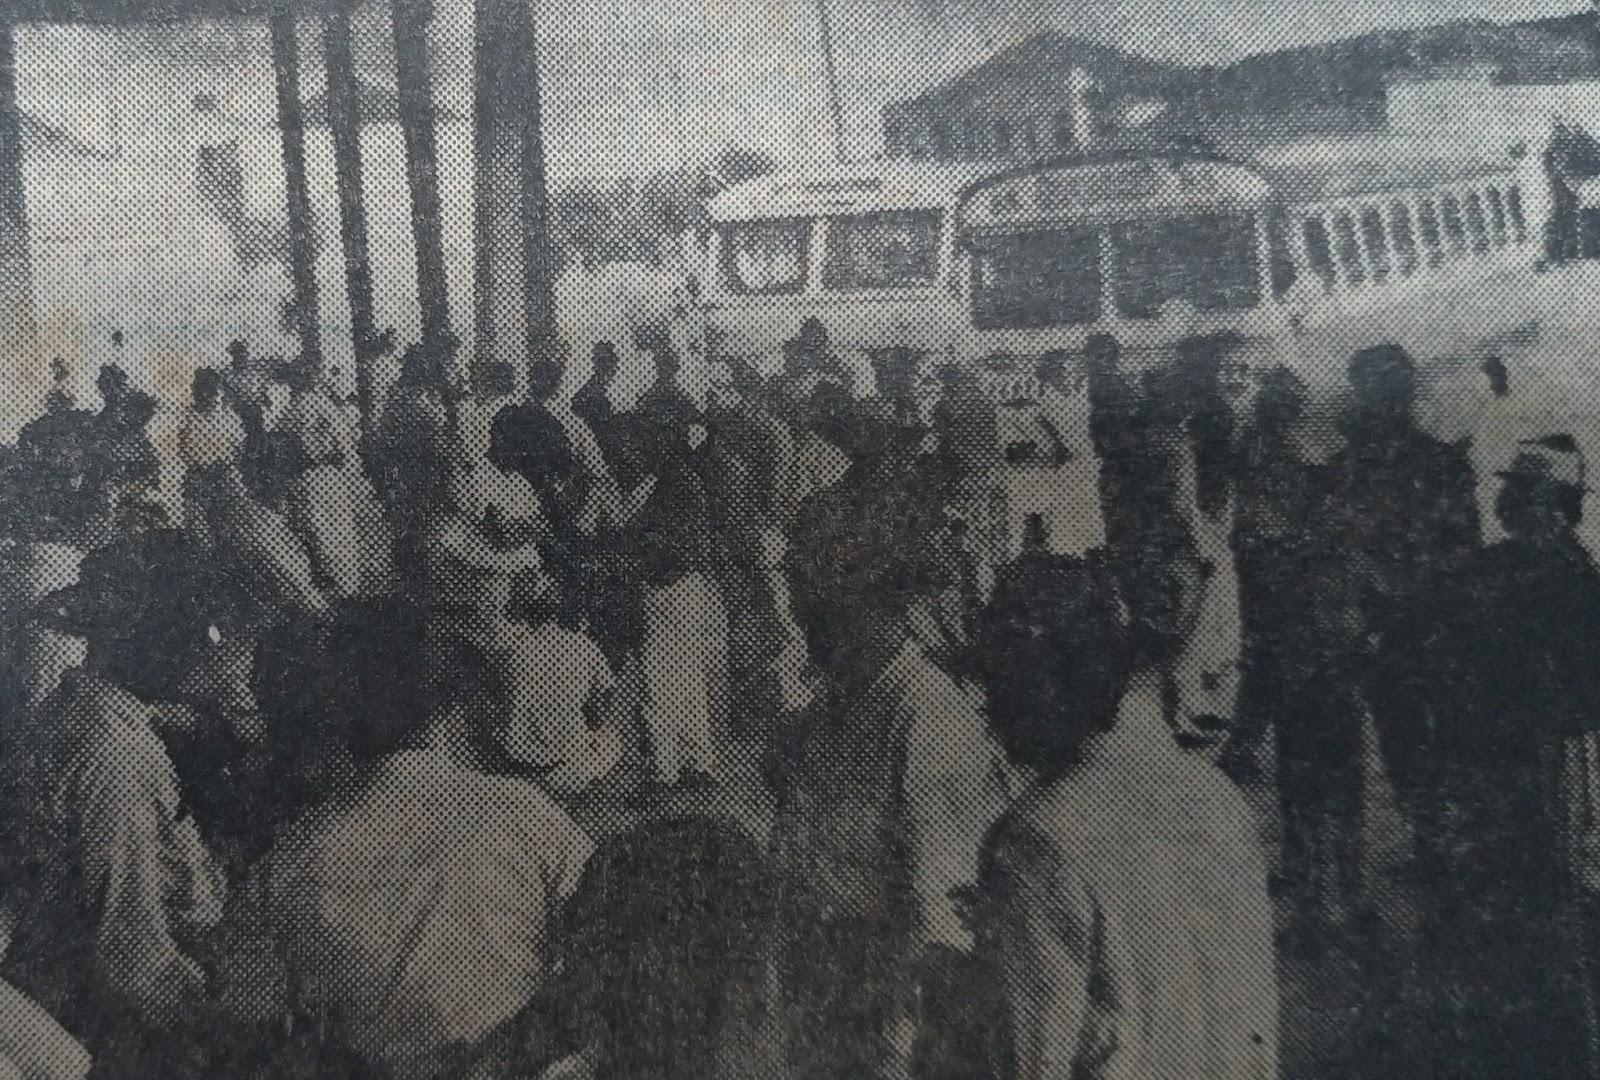 Início do funcionamento da Estação Rodoviária - Novembro de 1962